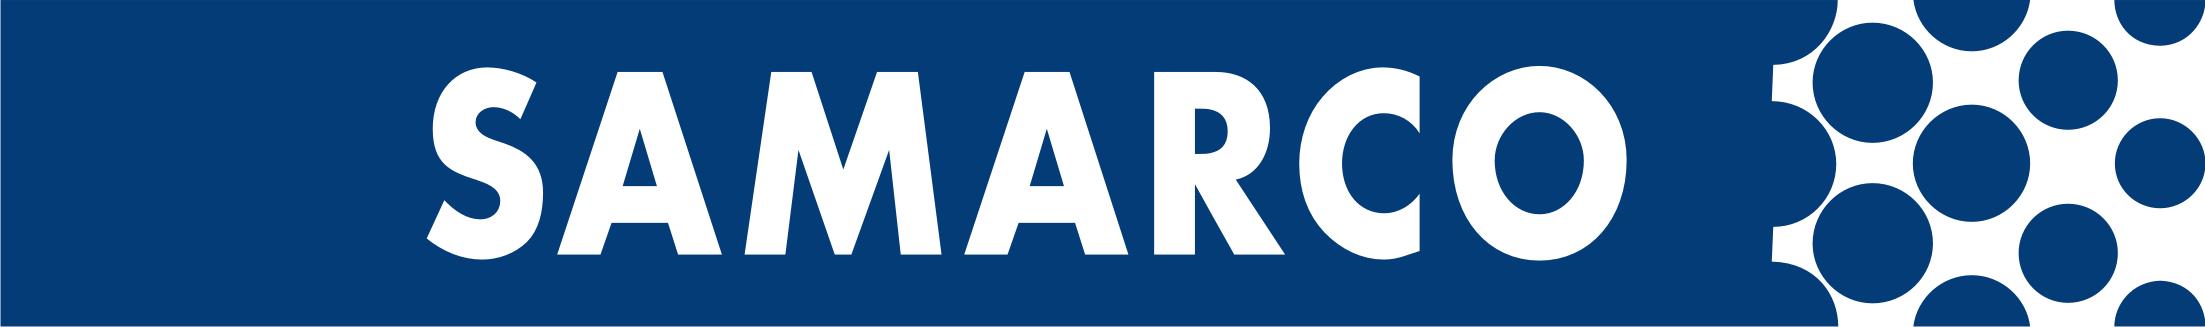 Ficheiro:Samarco-logo-large.png – Wikipédia, a enciclopédia livre